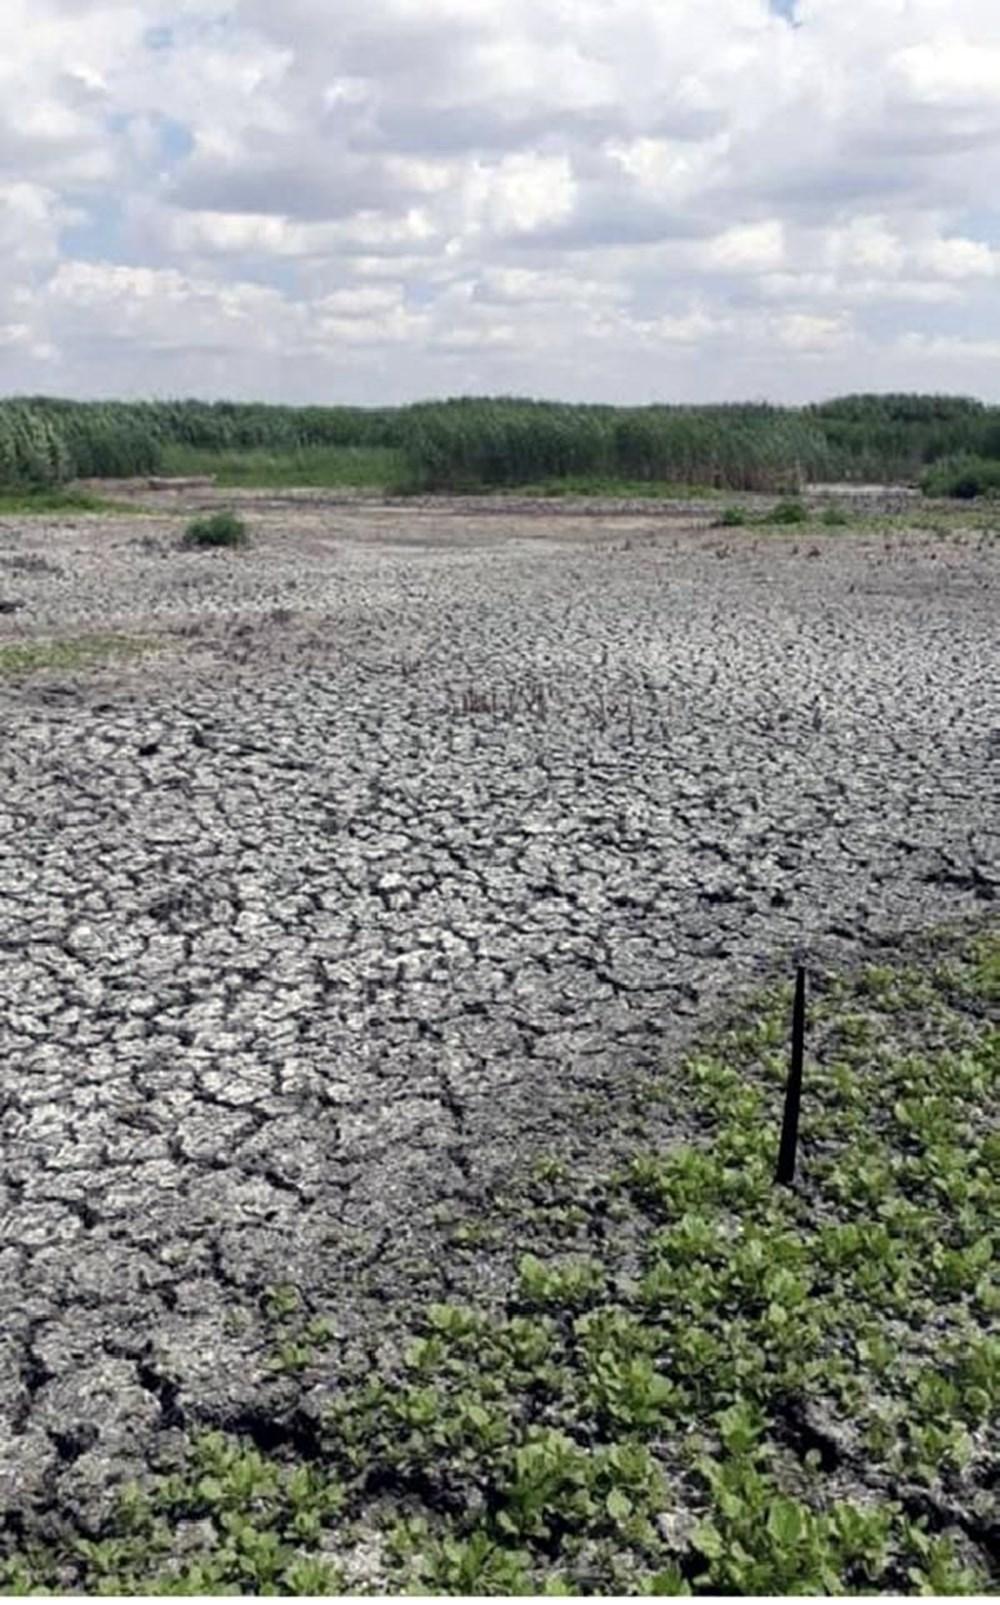 Eber Gölü yok olmak üzere: Hiç bitmez, tükenmez sandık - 4